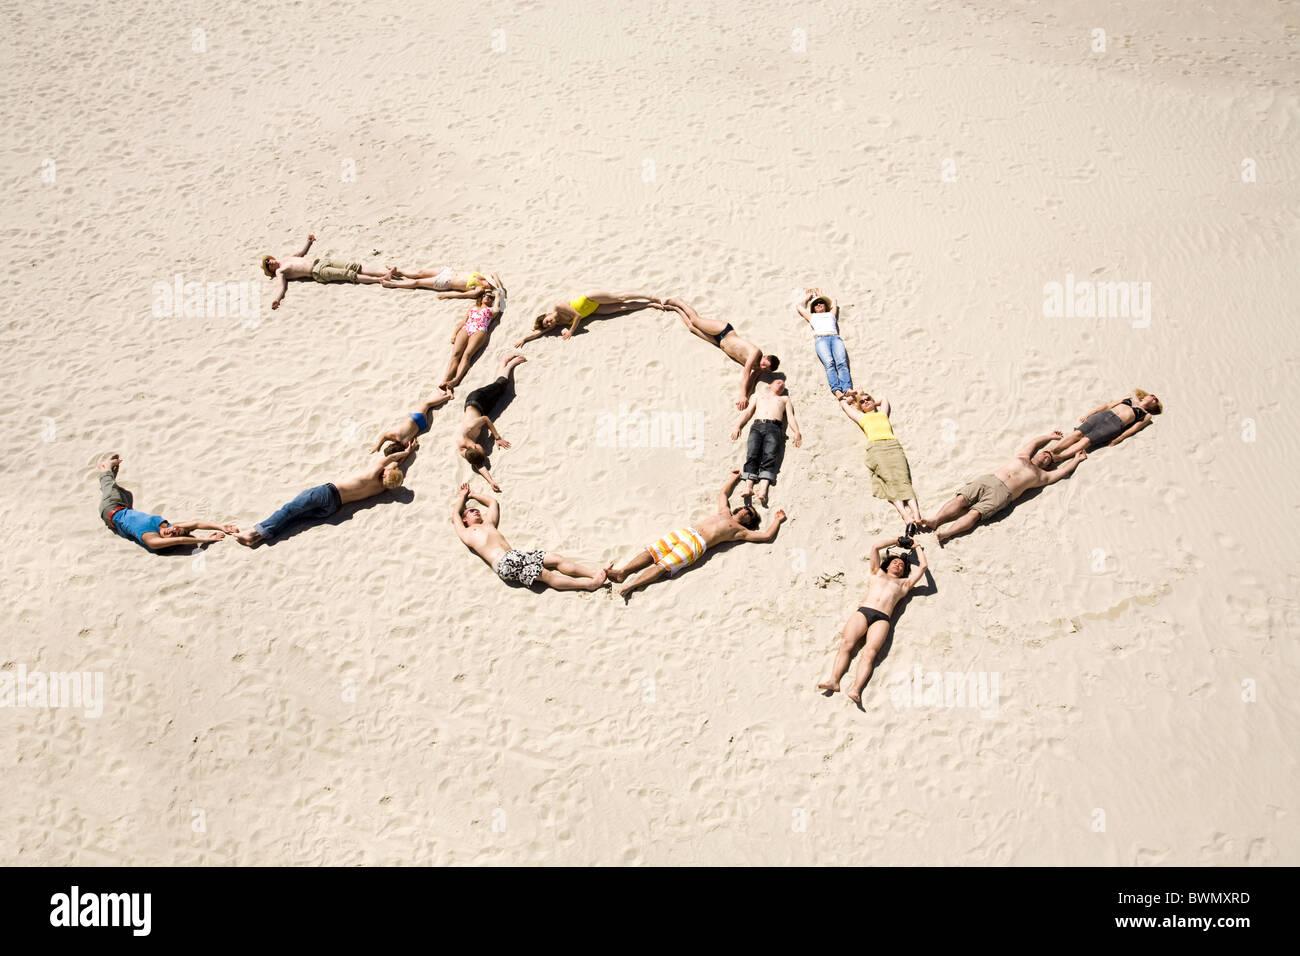 Bild der Wort-Freude, bestehend aus jungen Menschen ruht auf dem sand Stockbild